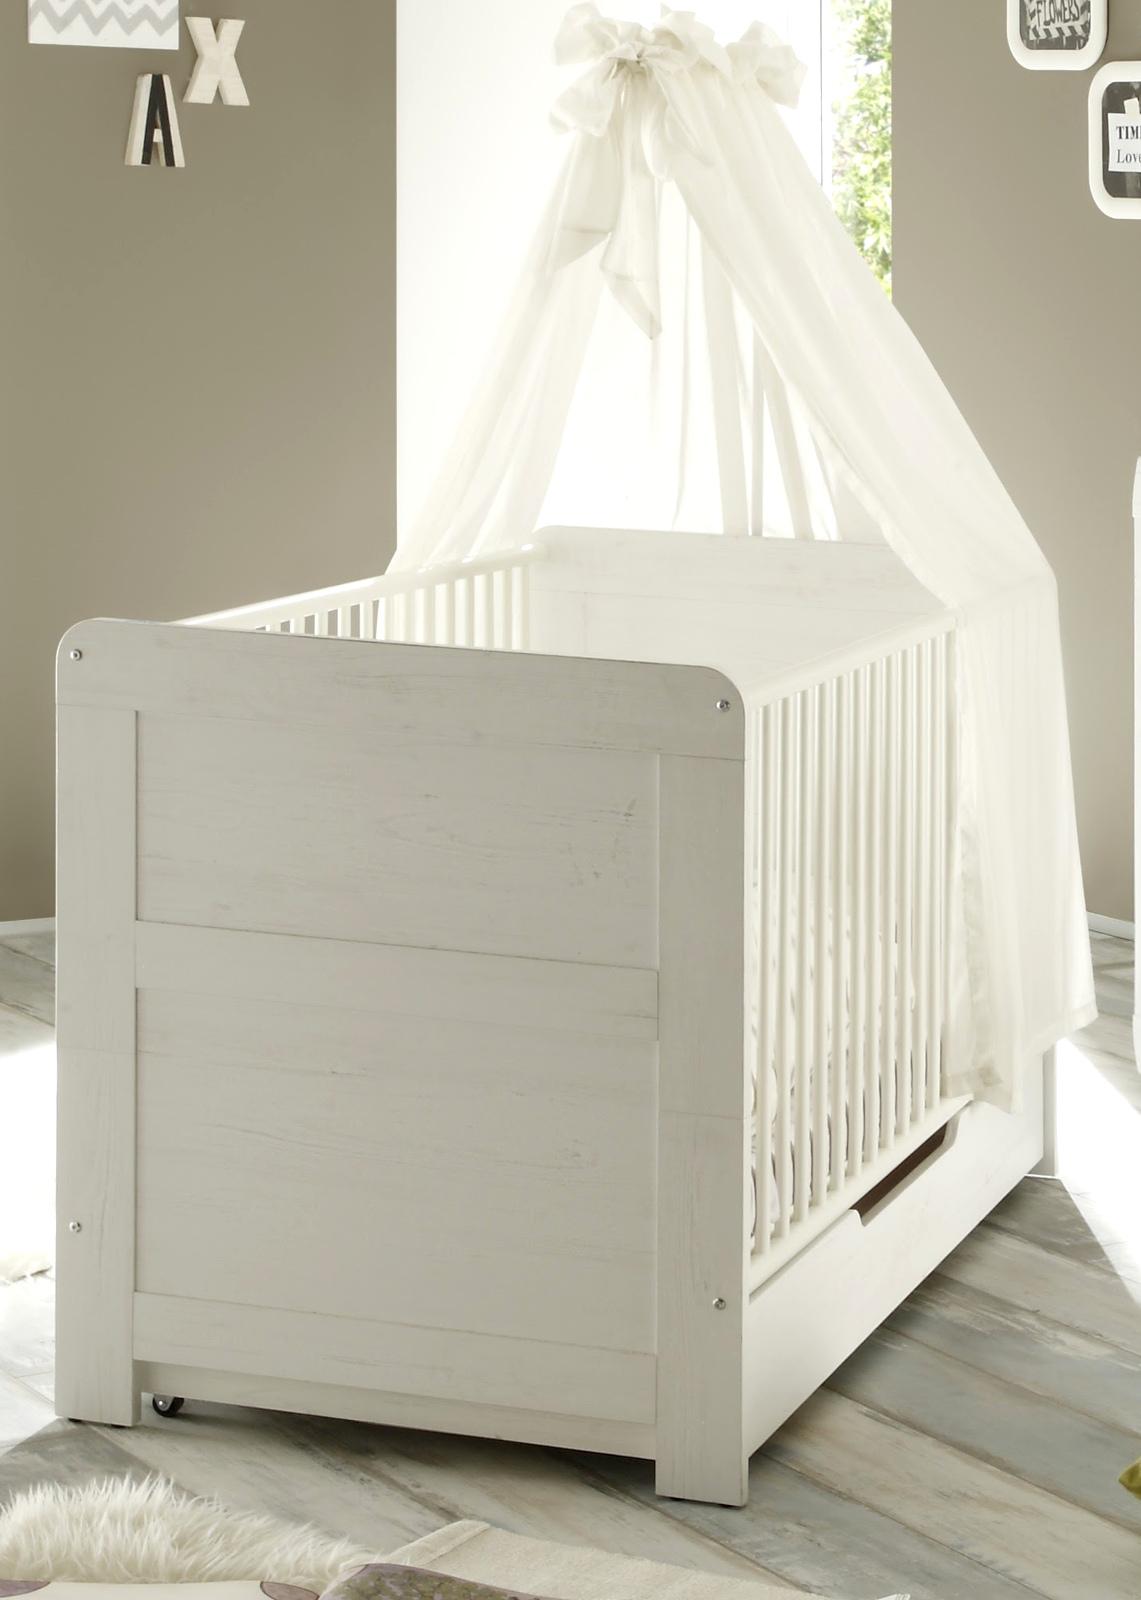 babyzimmer babybett kinderbett landi anderson pinie weiss 76 x 84 x 144 cm